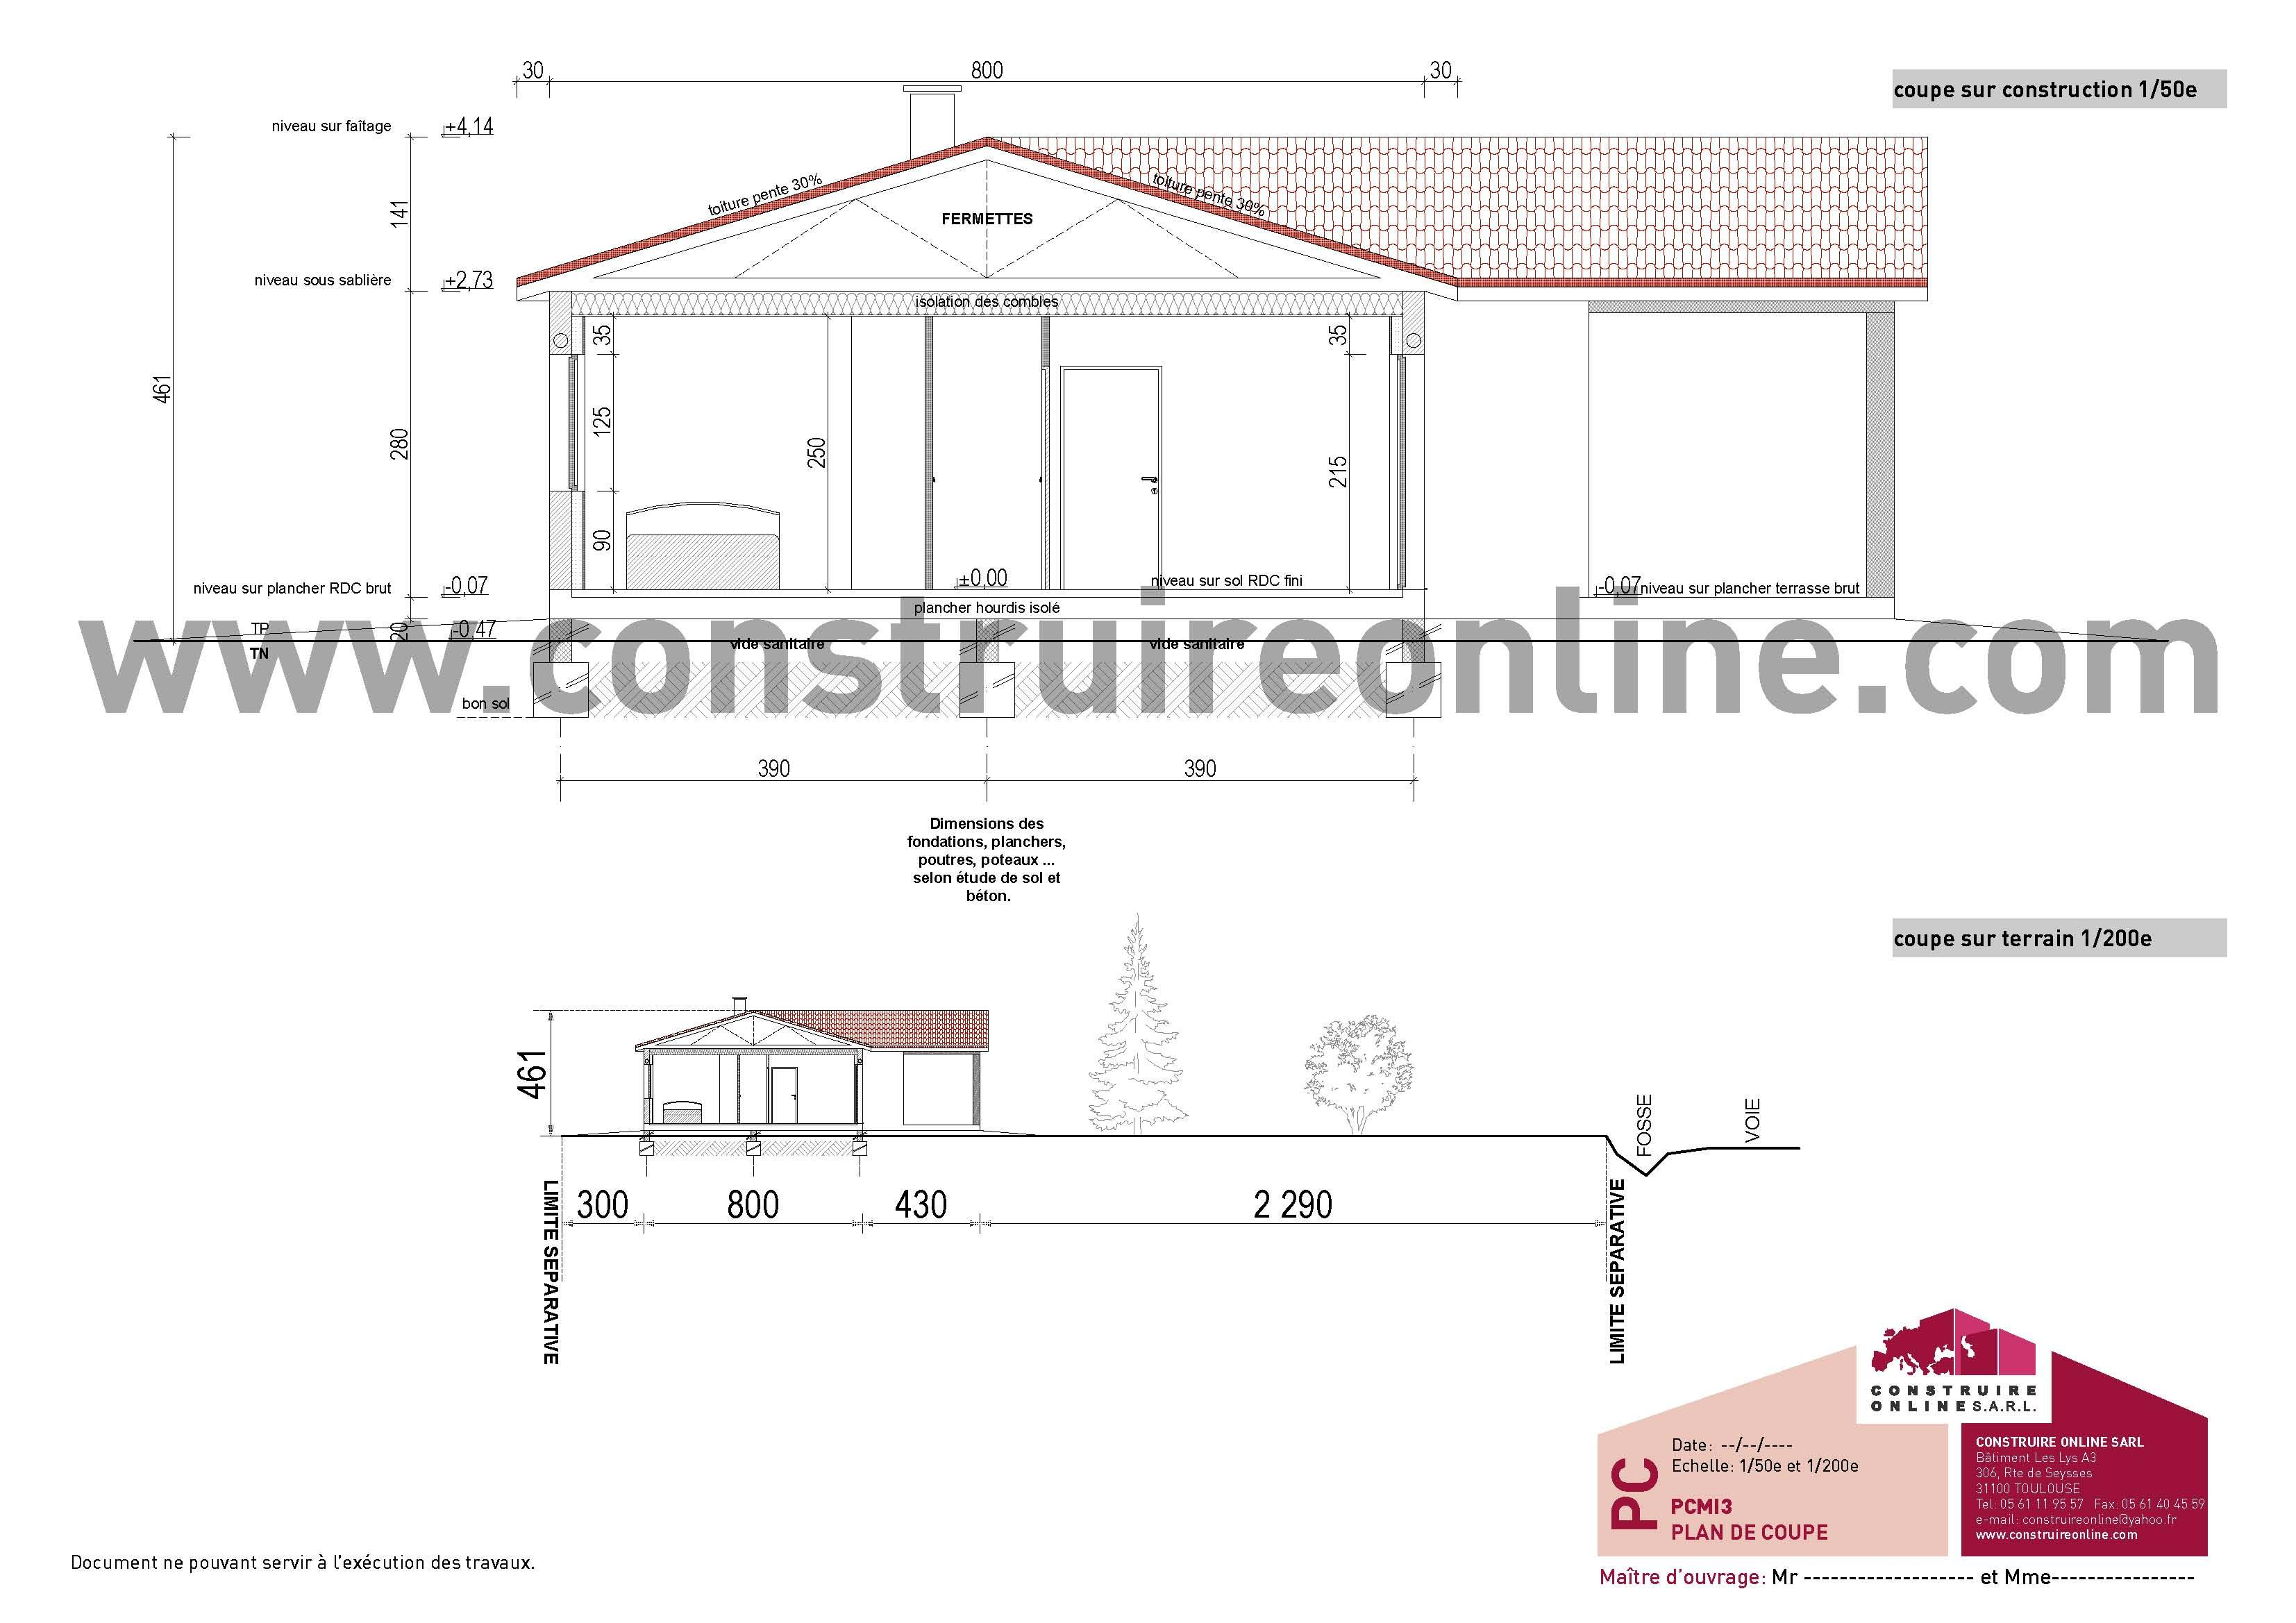 Pi ce pcmi3 permis de construire de maison individuelle - Plan en coupe terrain et construction ...